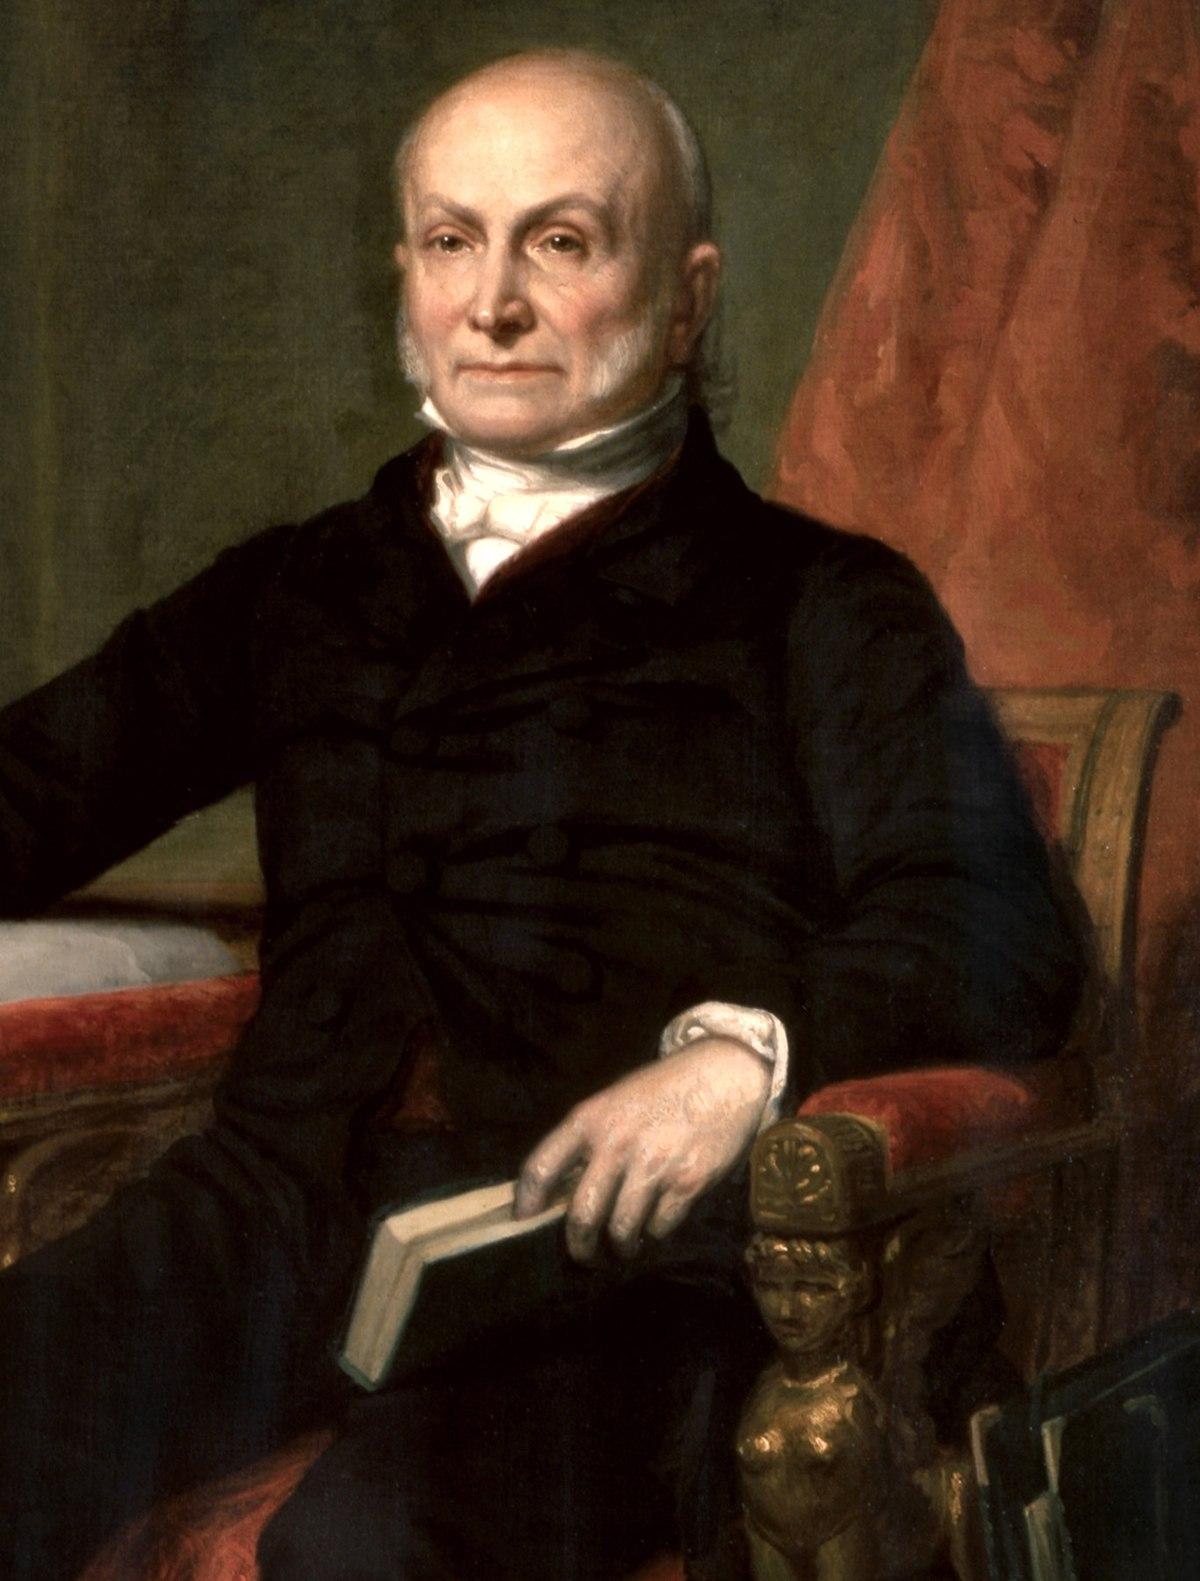 קובץ:John Quincy Adams cropped.jpg – ויקיפדיה